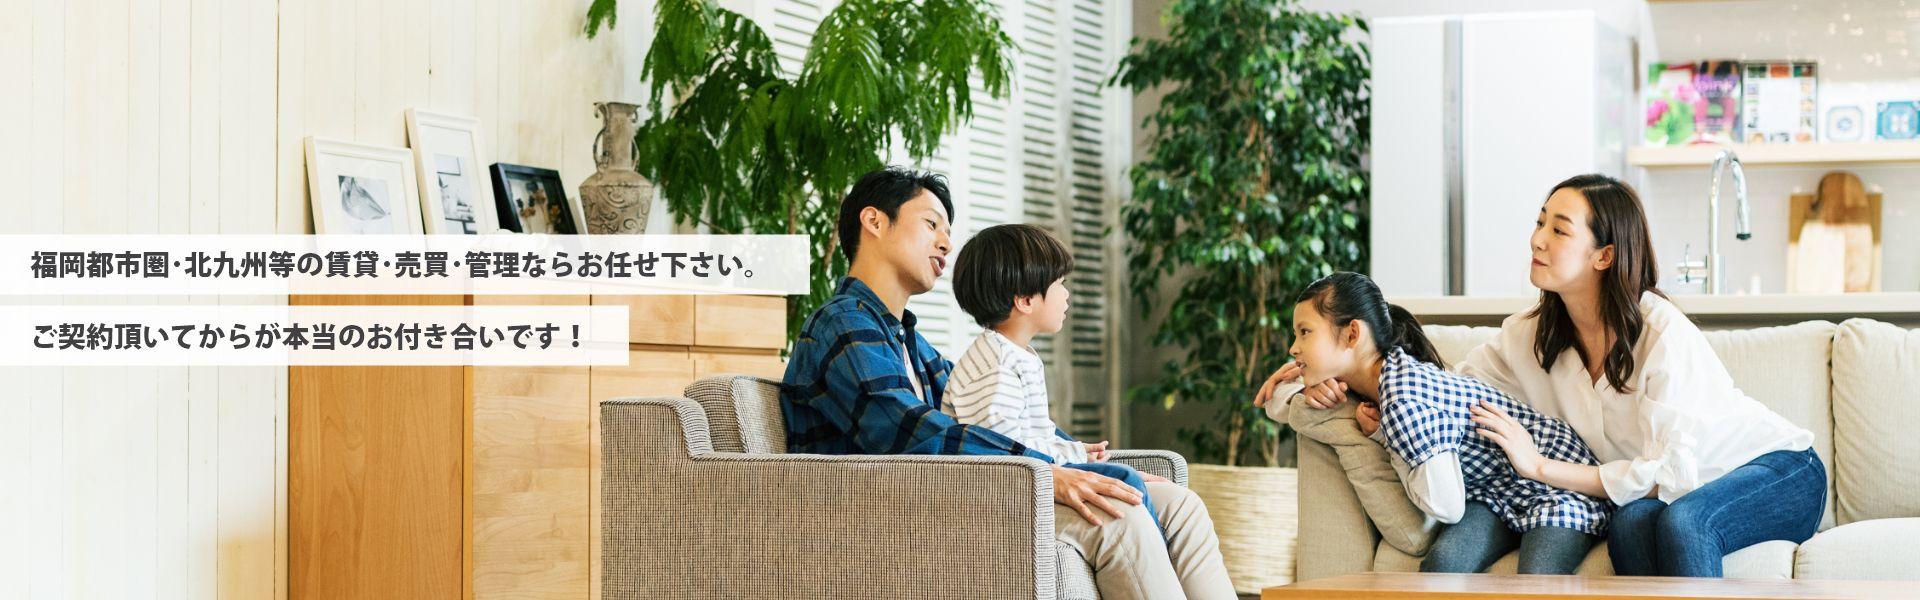 福岡都市圏・北九州等の賃貸・売買・管理ならお任せ下さい。